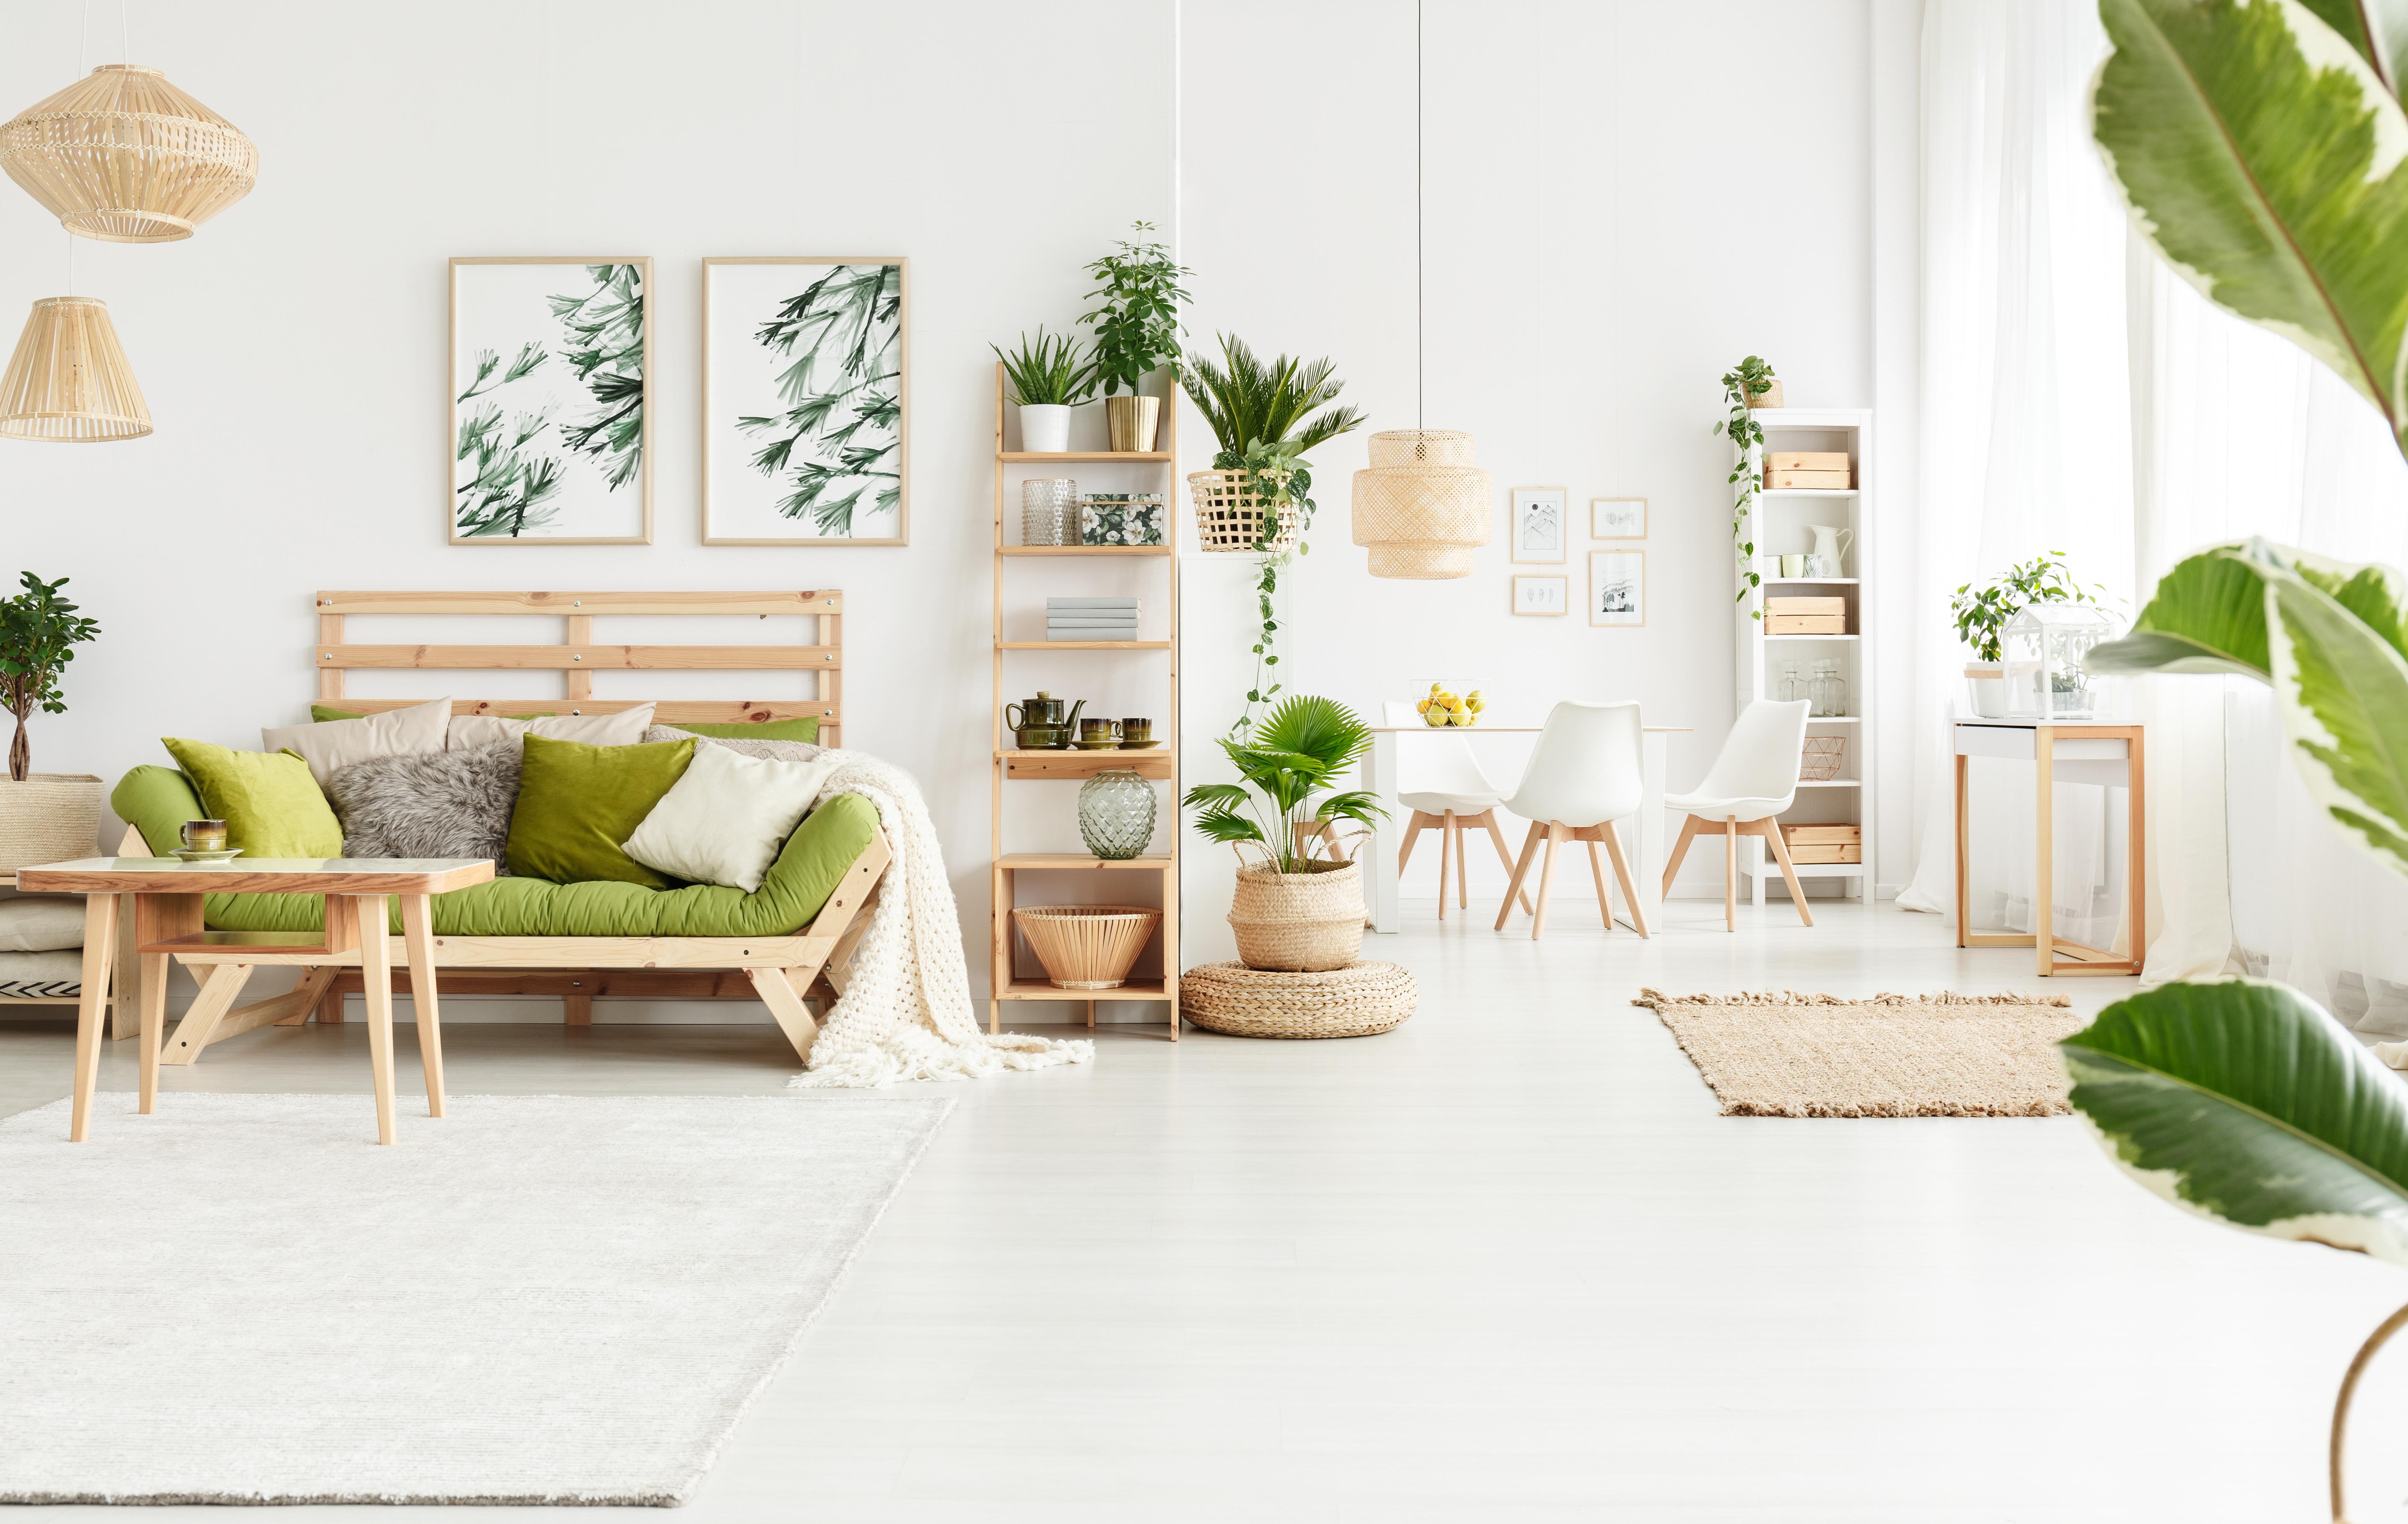 Arredamento sostenibile: idee per una casa eco-friendly